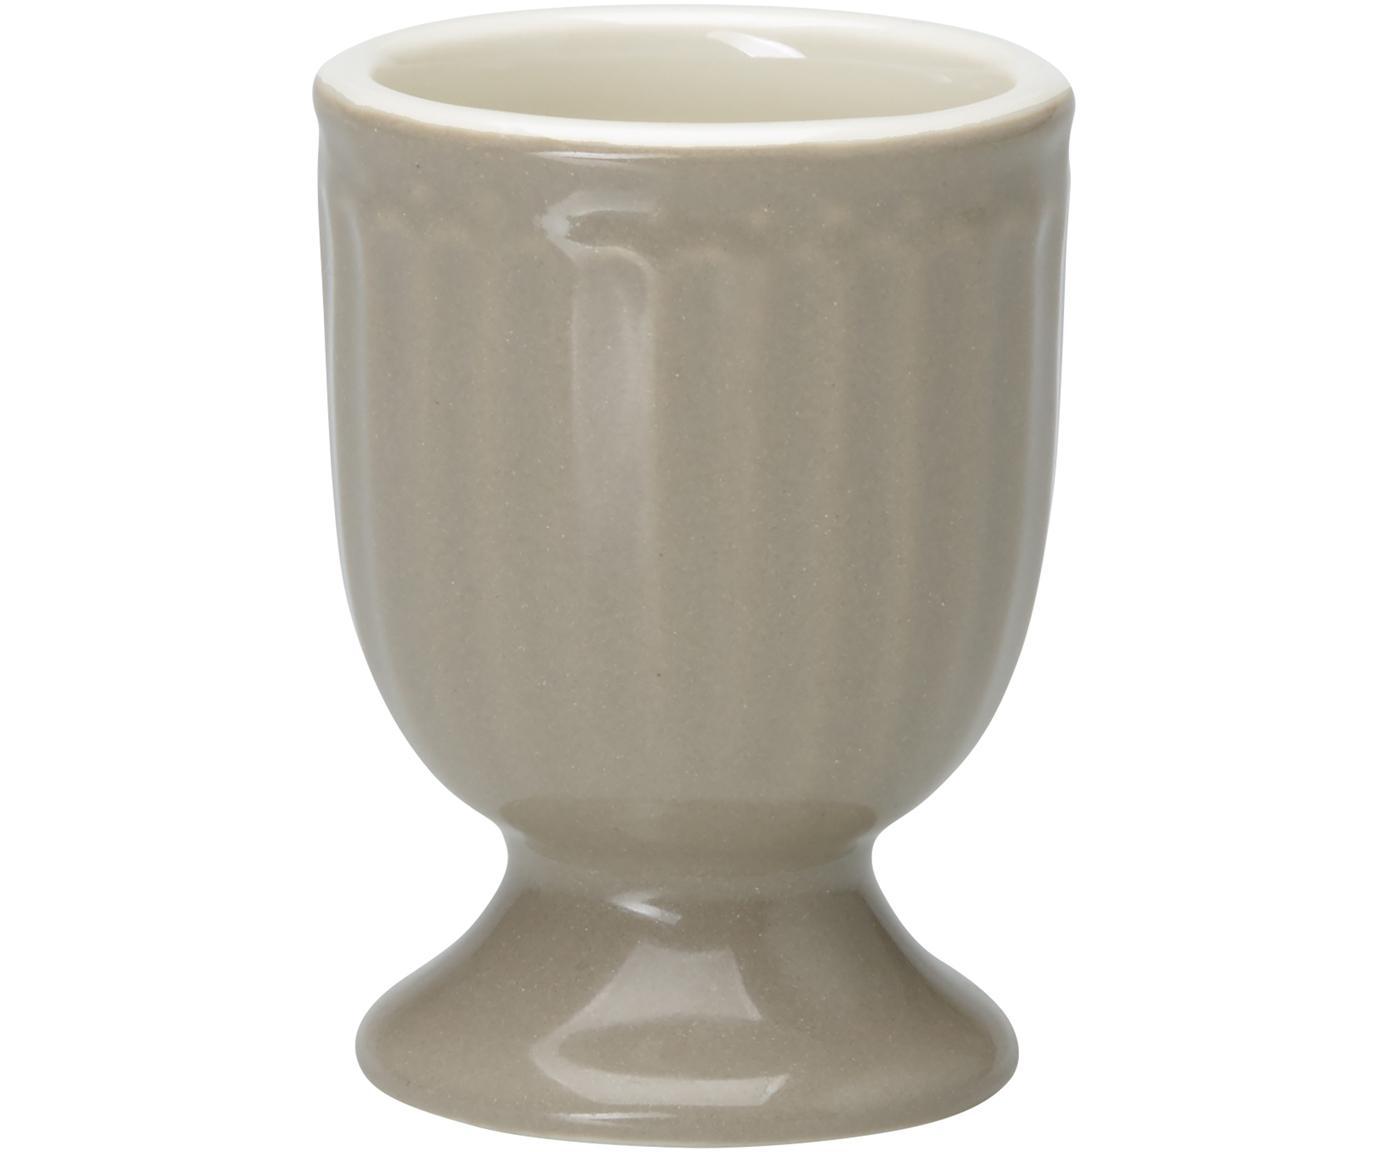 Soportes de huevo Alice, 2uds., Porcelana, Gris, Ø 5 x Al 7 cm